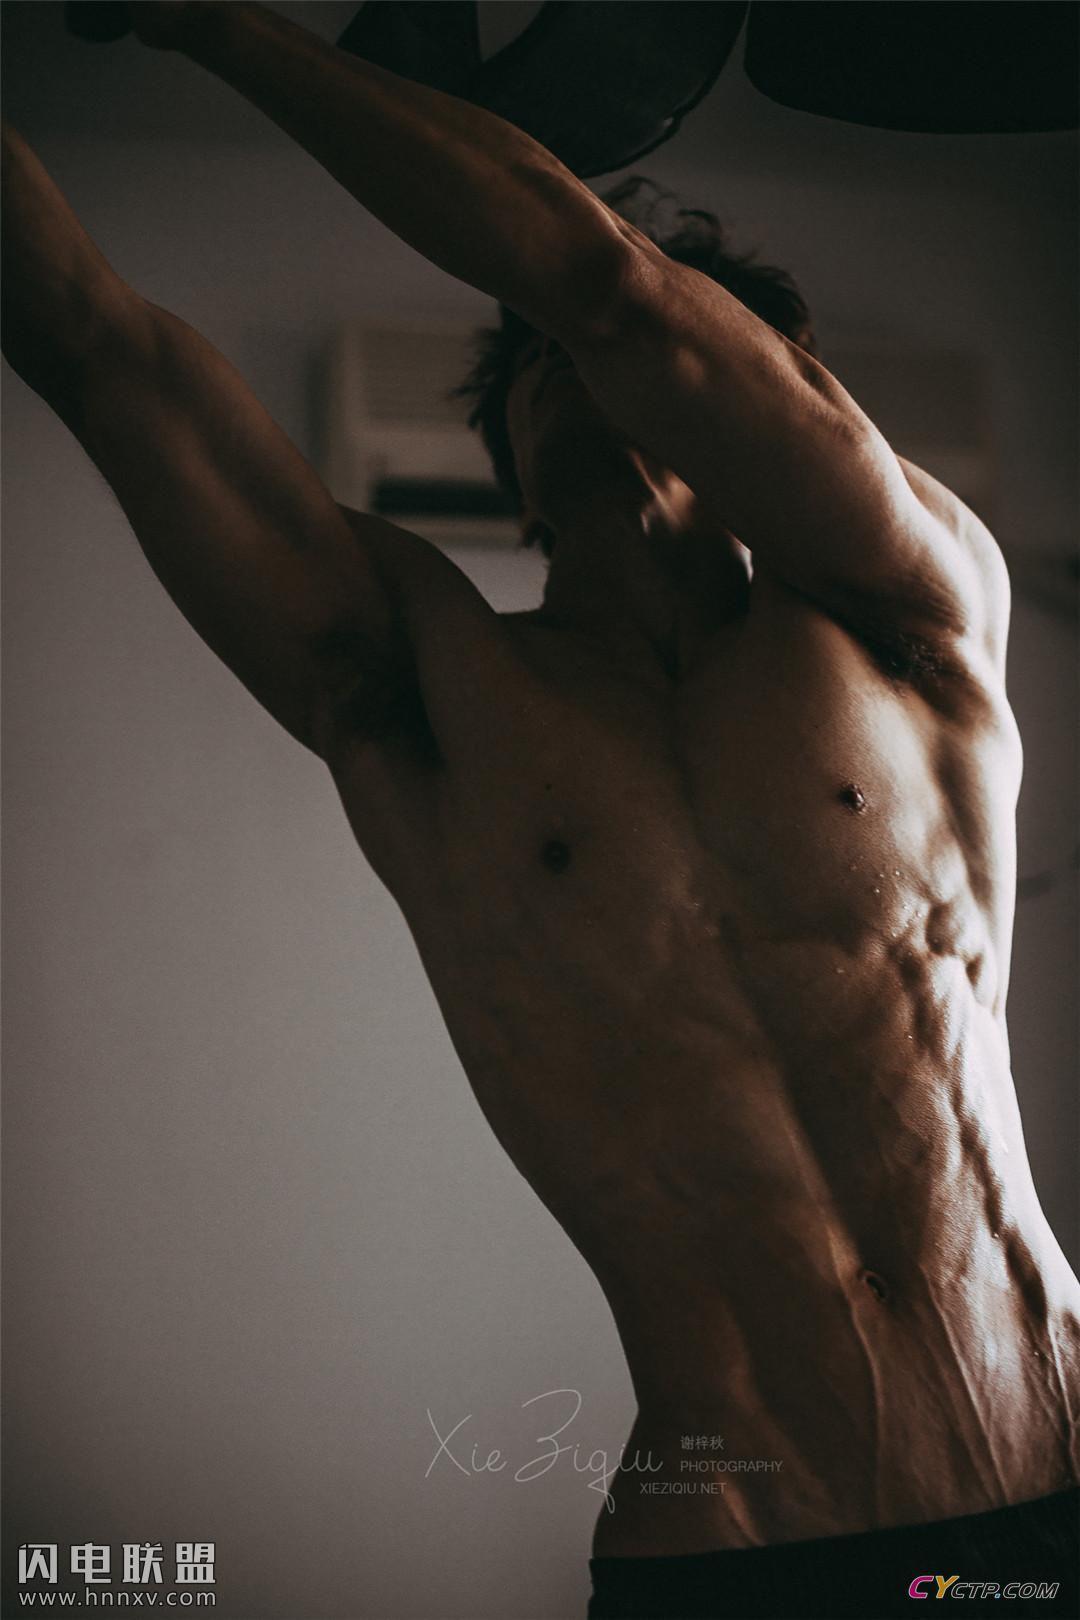 精壮型中国猛男男体艺术写真图片